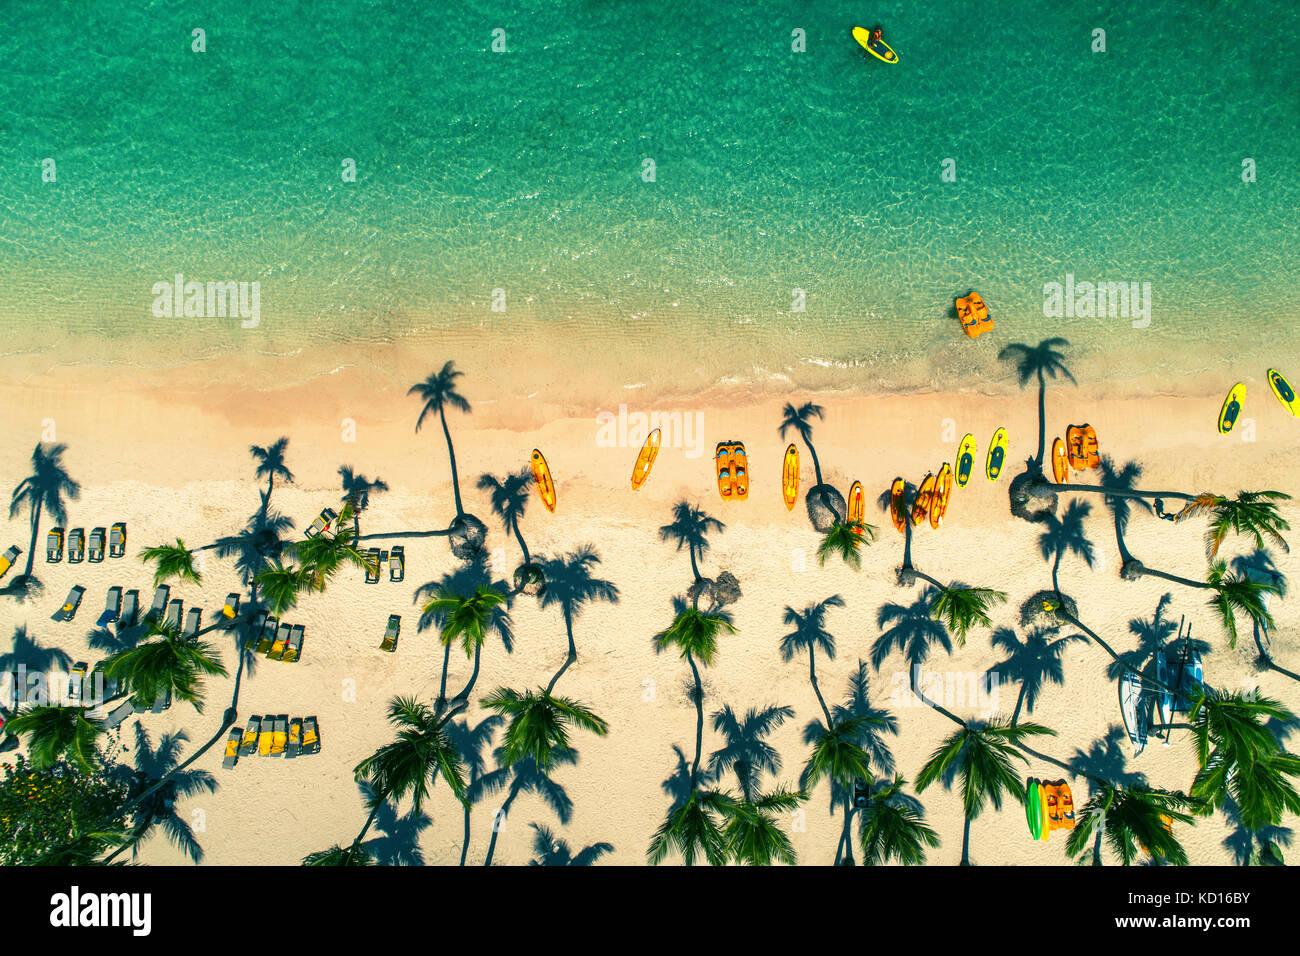 Luftaufnahme von Caribbean Resort, Punta Cana, Dominikanische Republik Stockbild